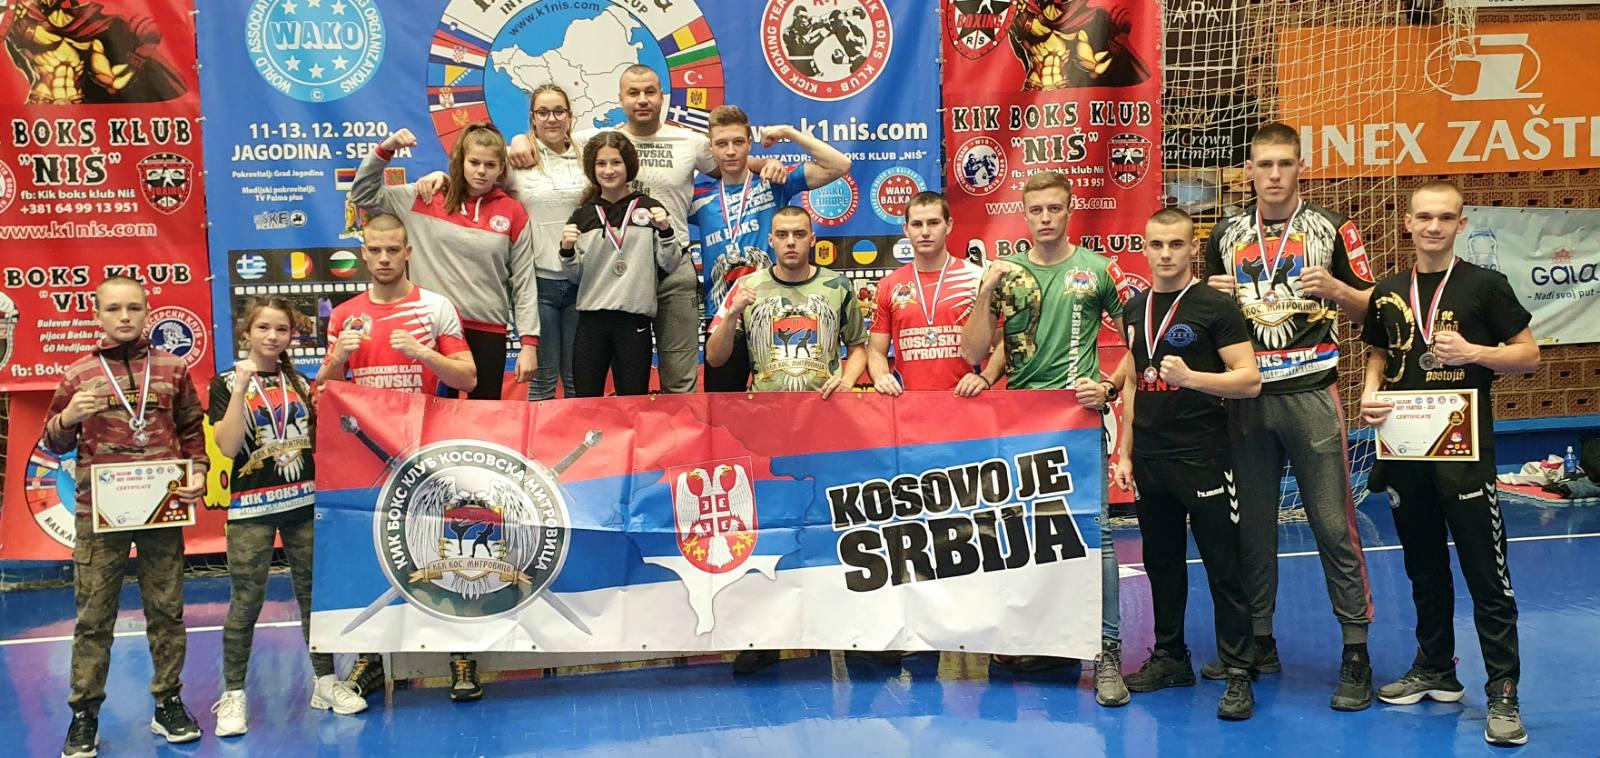 kik-boks-klub-kosovska-mitrovica-okitio-se-sa-11-medalja-na-balkans-best-fighters-turniru